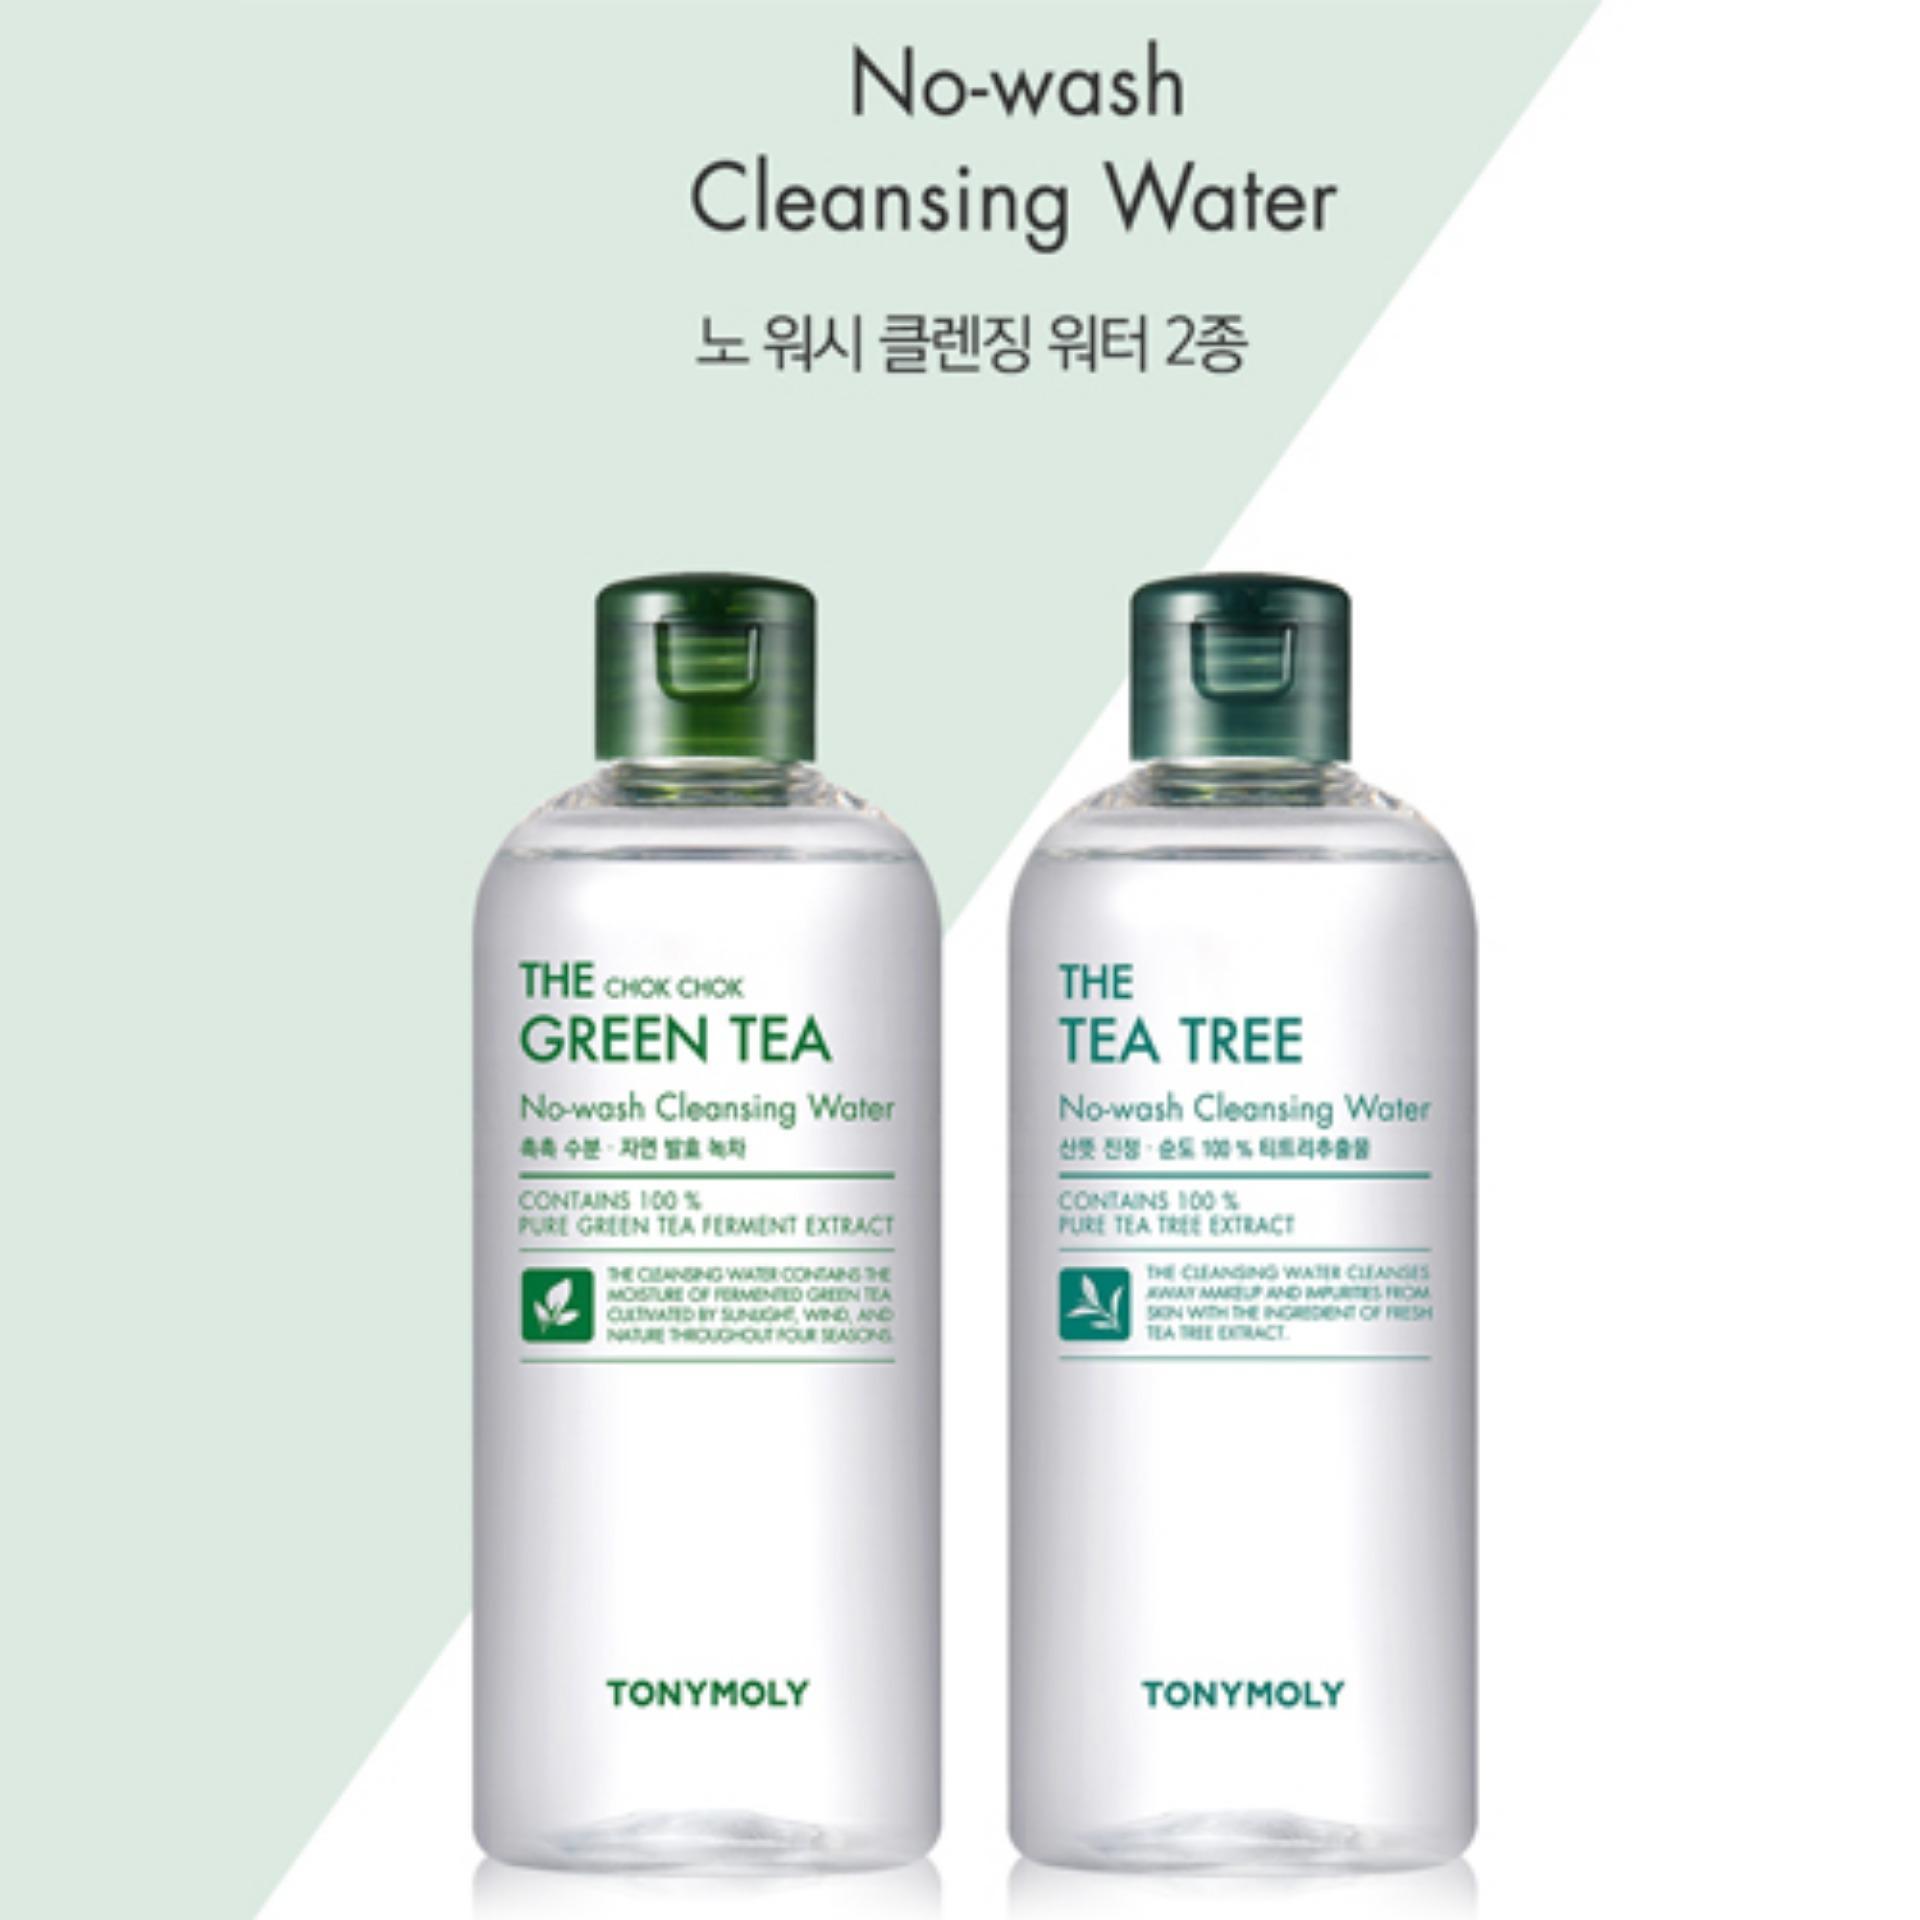 Kết quả hình ảnh cho THE CHOK CHOK GREEN TEA CLEANSING WATER